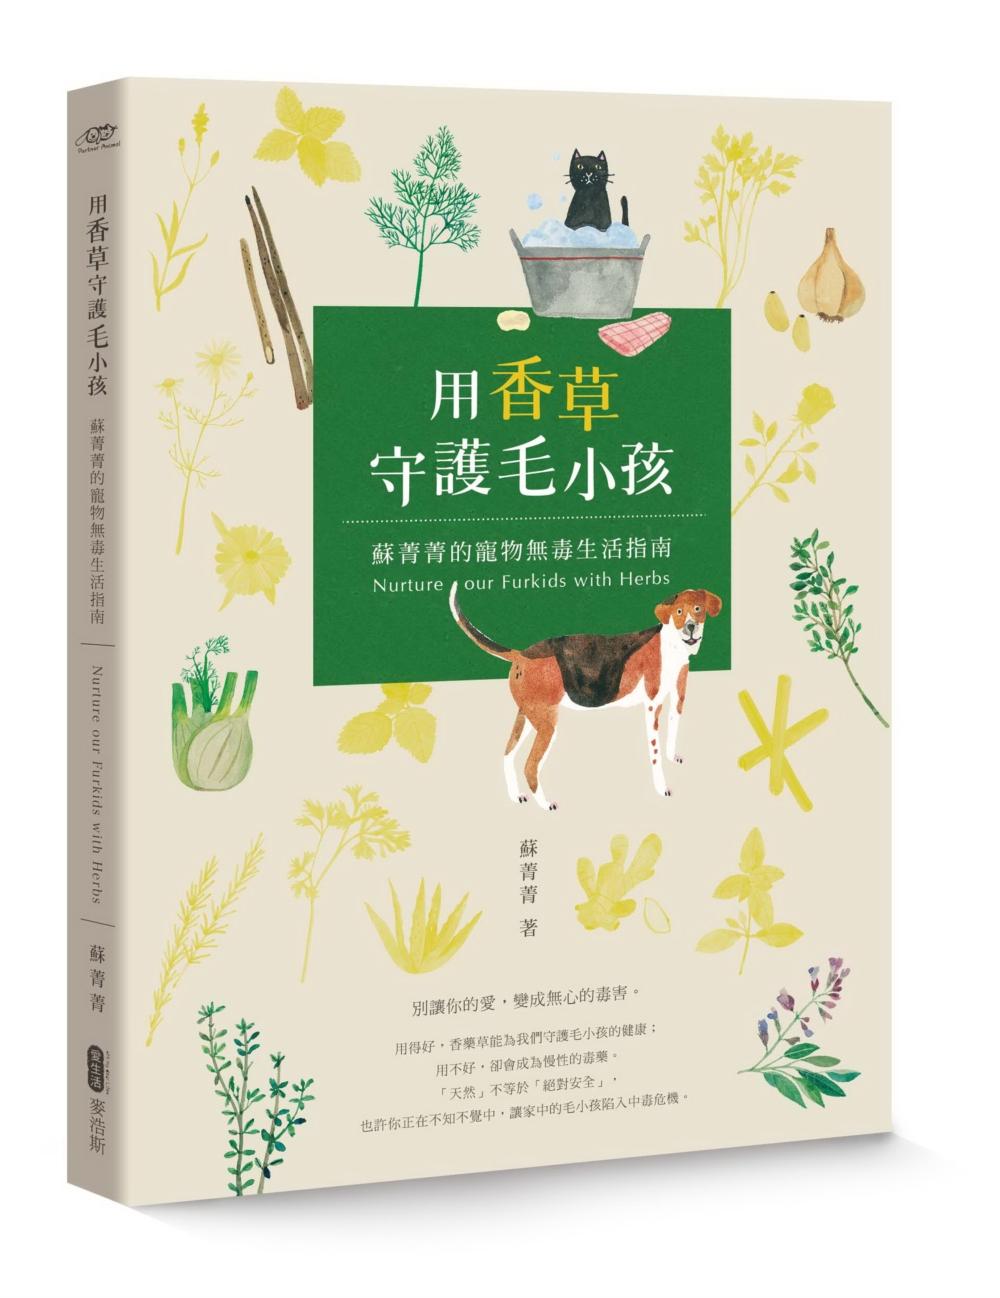 《用香草守護毛小孩 蘇菁菁的寵物無毒生活指南》 商品條碼,ISBN:9789864083480